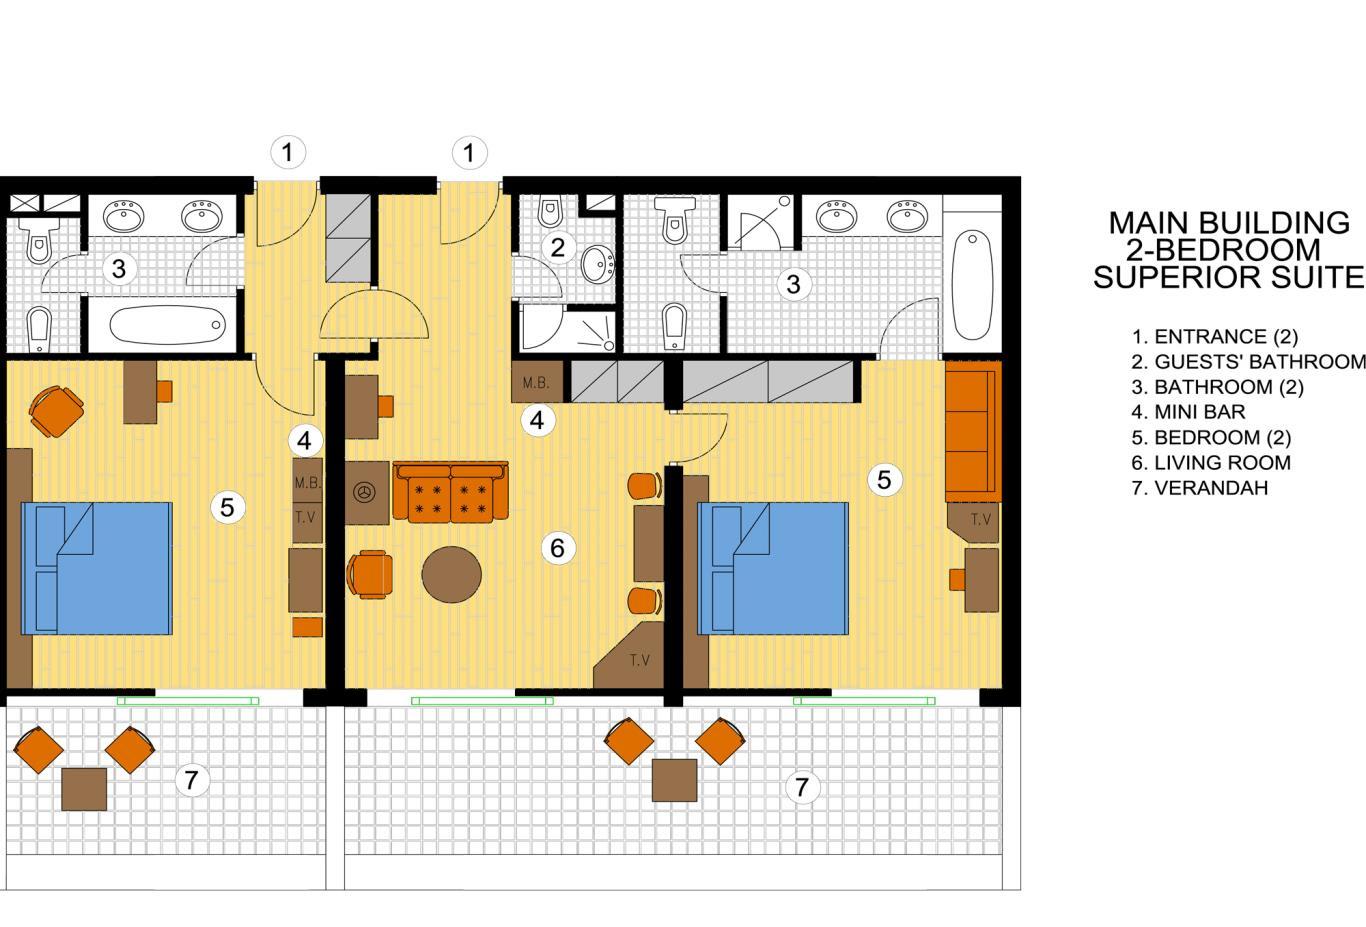 Two Bedroom Superior Suite floorplan